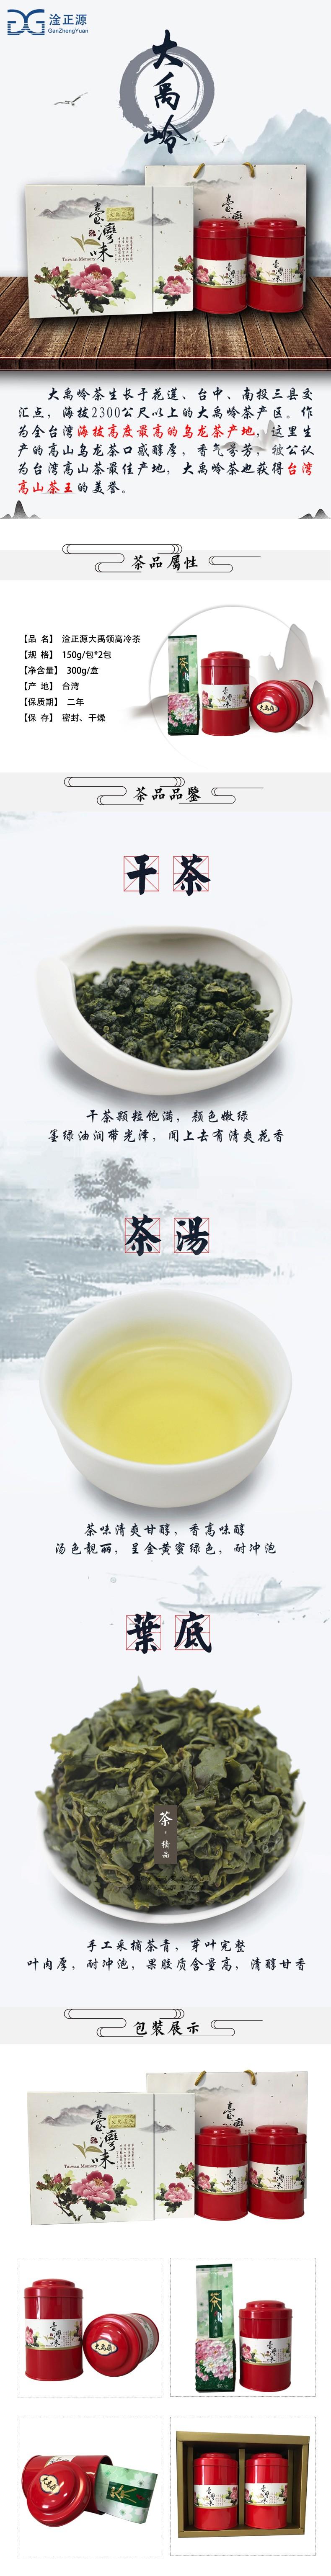 大禹岭红盒.jpg